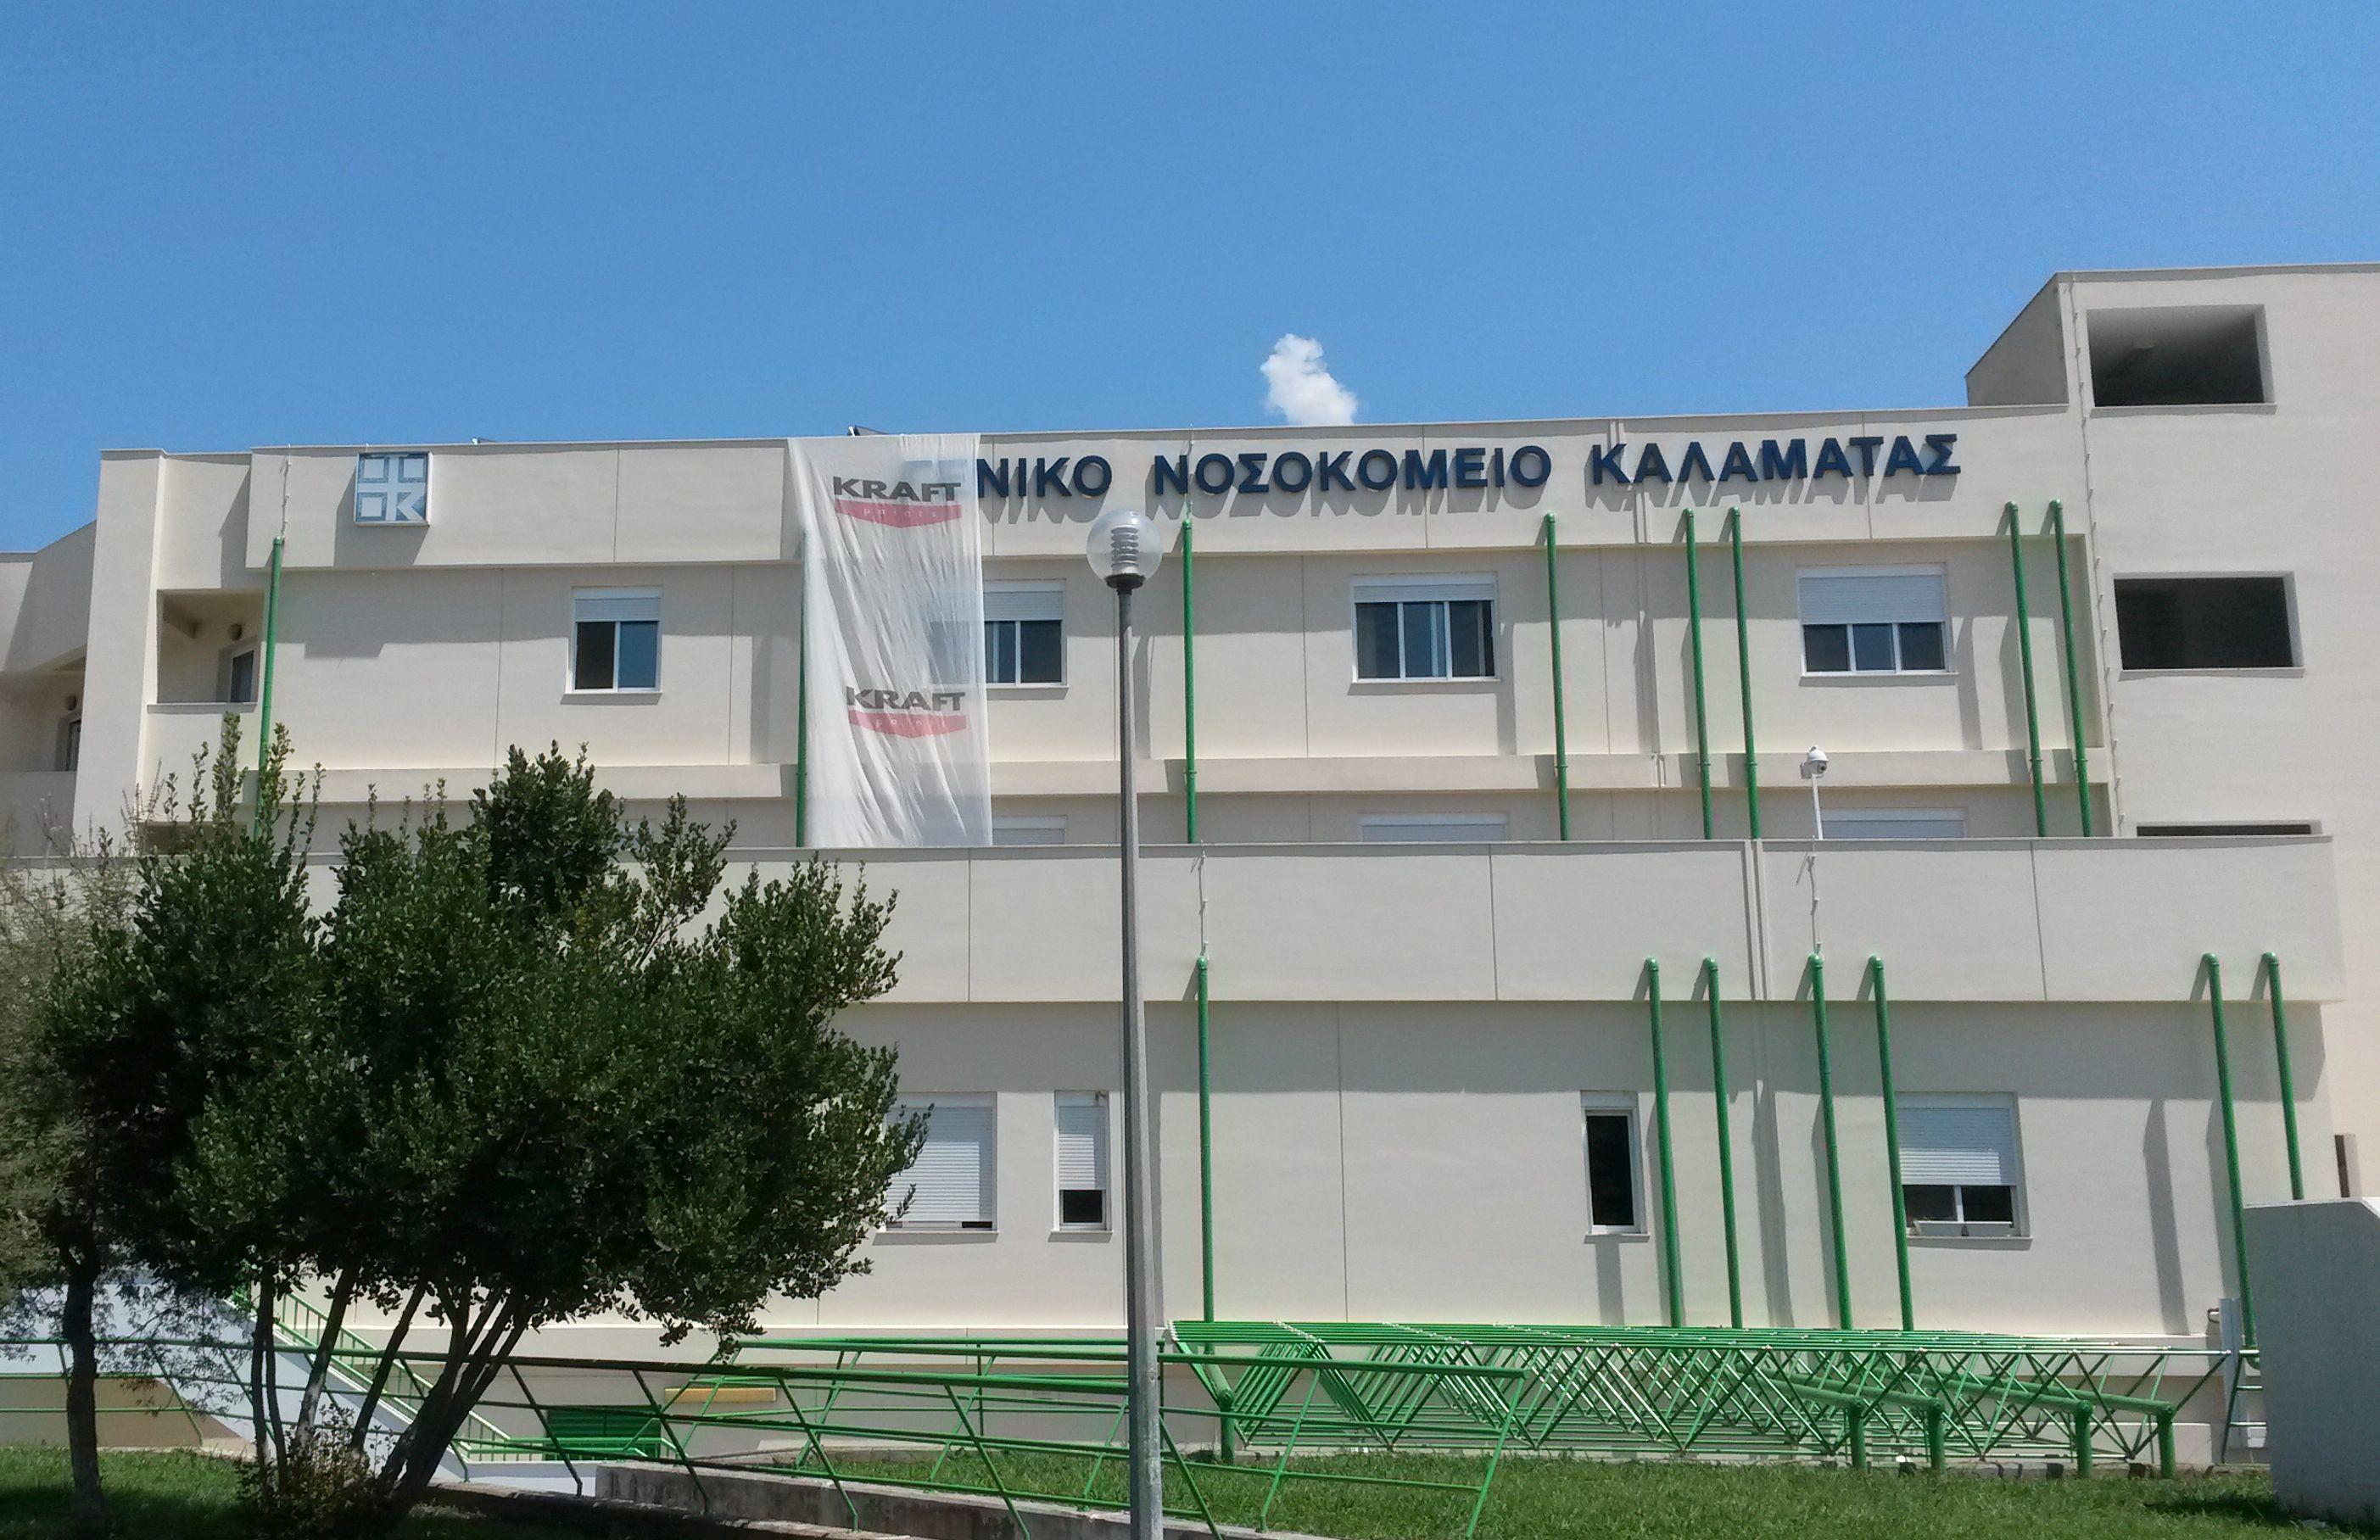 d32d98353d Στην Καλαμάτα το πρώτο «πράσινο» νοσοκομείο της Ελλάδας - Εξοπλισμός -  Bluebirds.gr